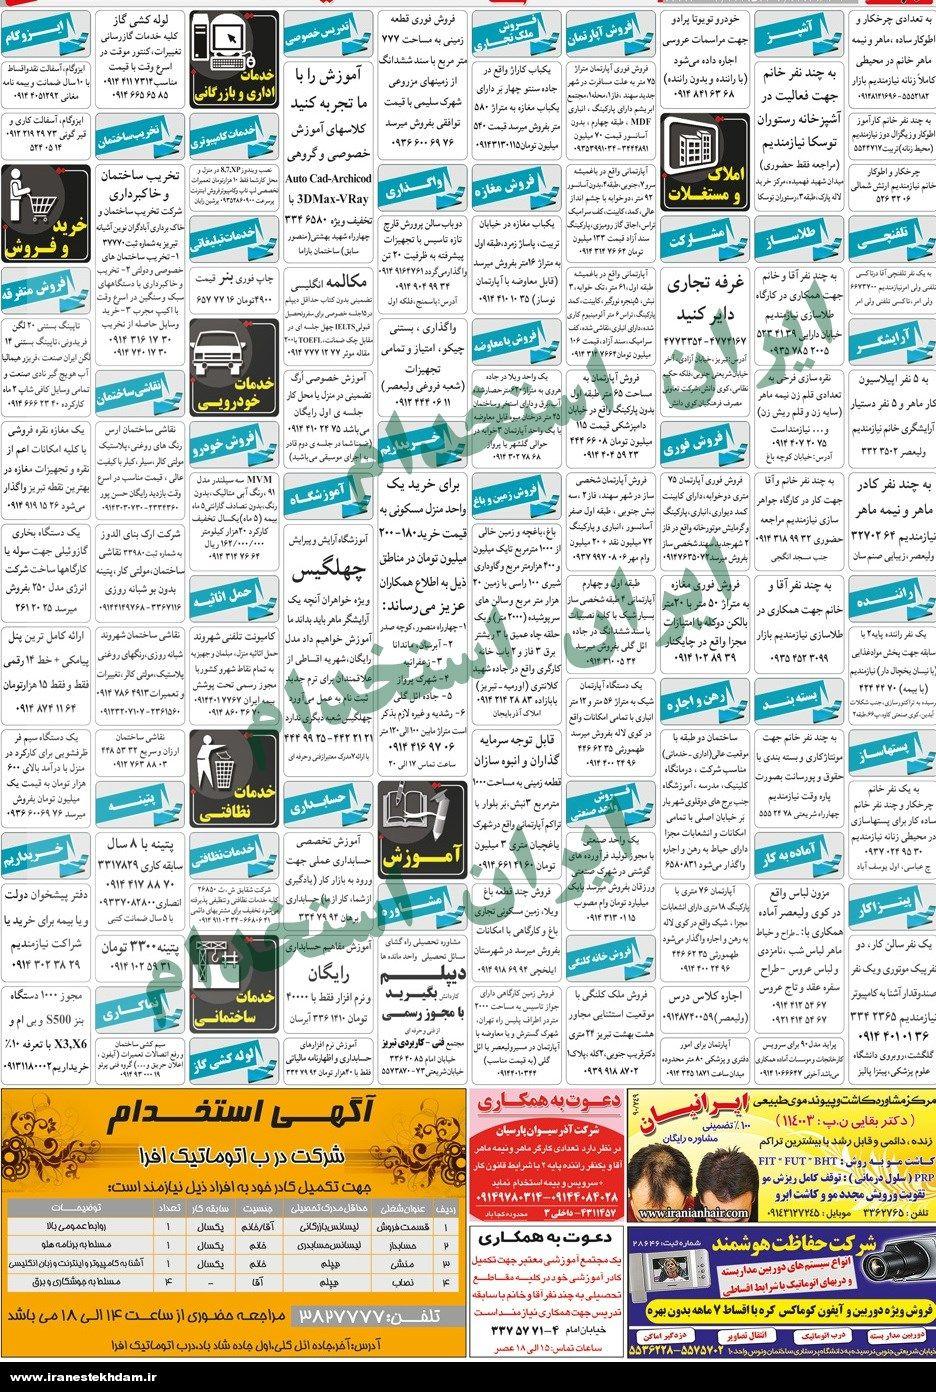 کانال تلگرام استخدام در تبریز